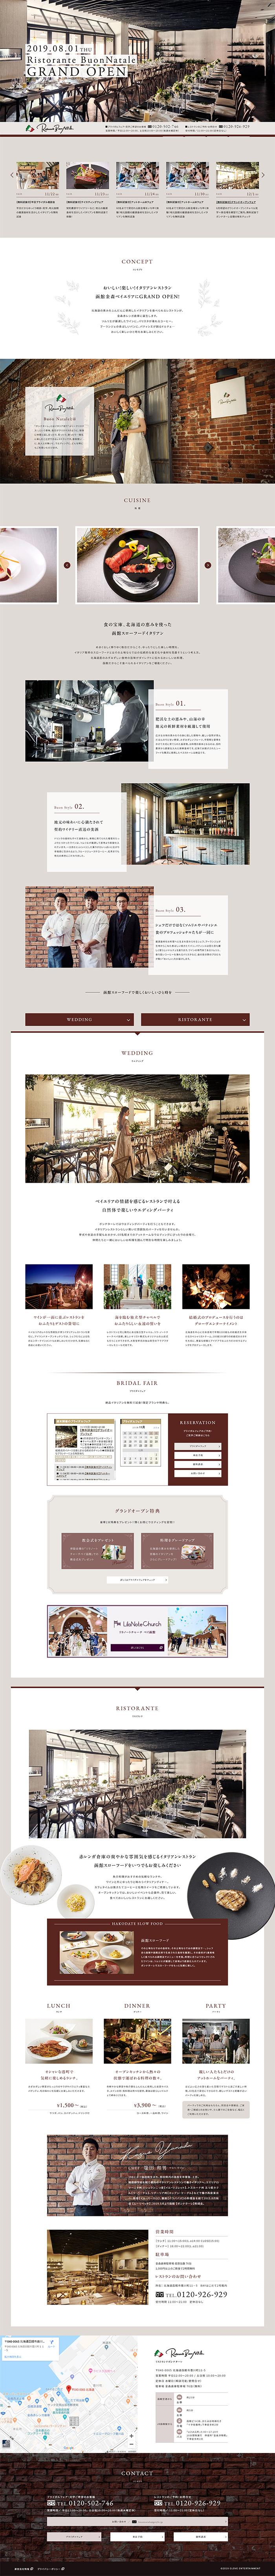 【公式】リストランテ ボンナターレ | 函館金森のレストラン・結婚式